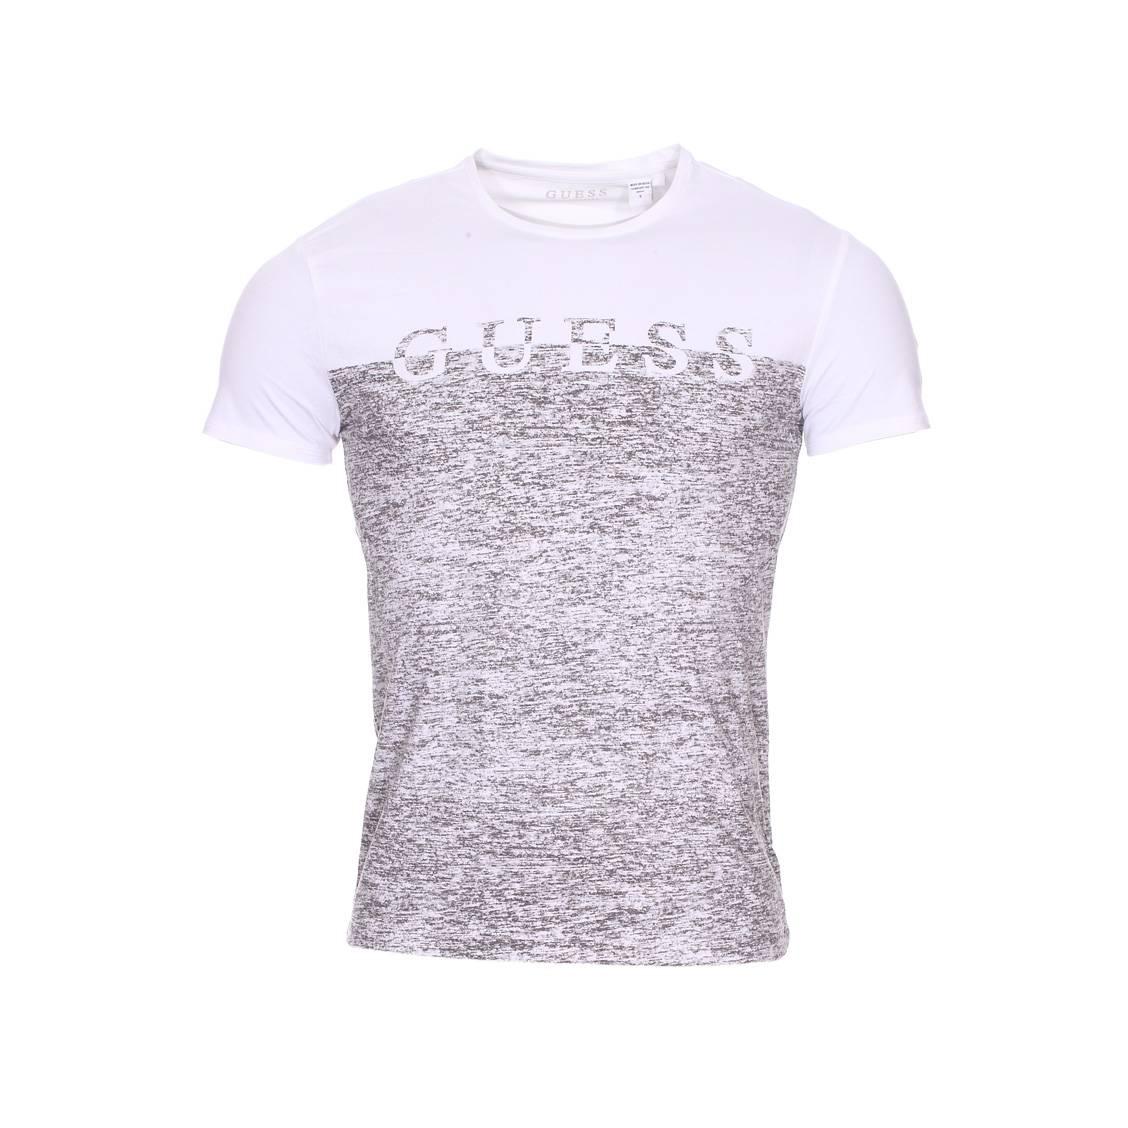 Tee-shirt col rond guess en coton stretch blanc et gris chiné